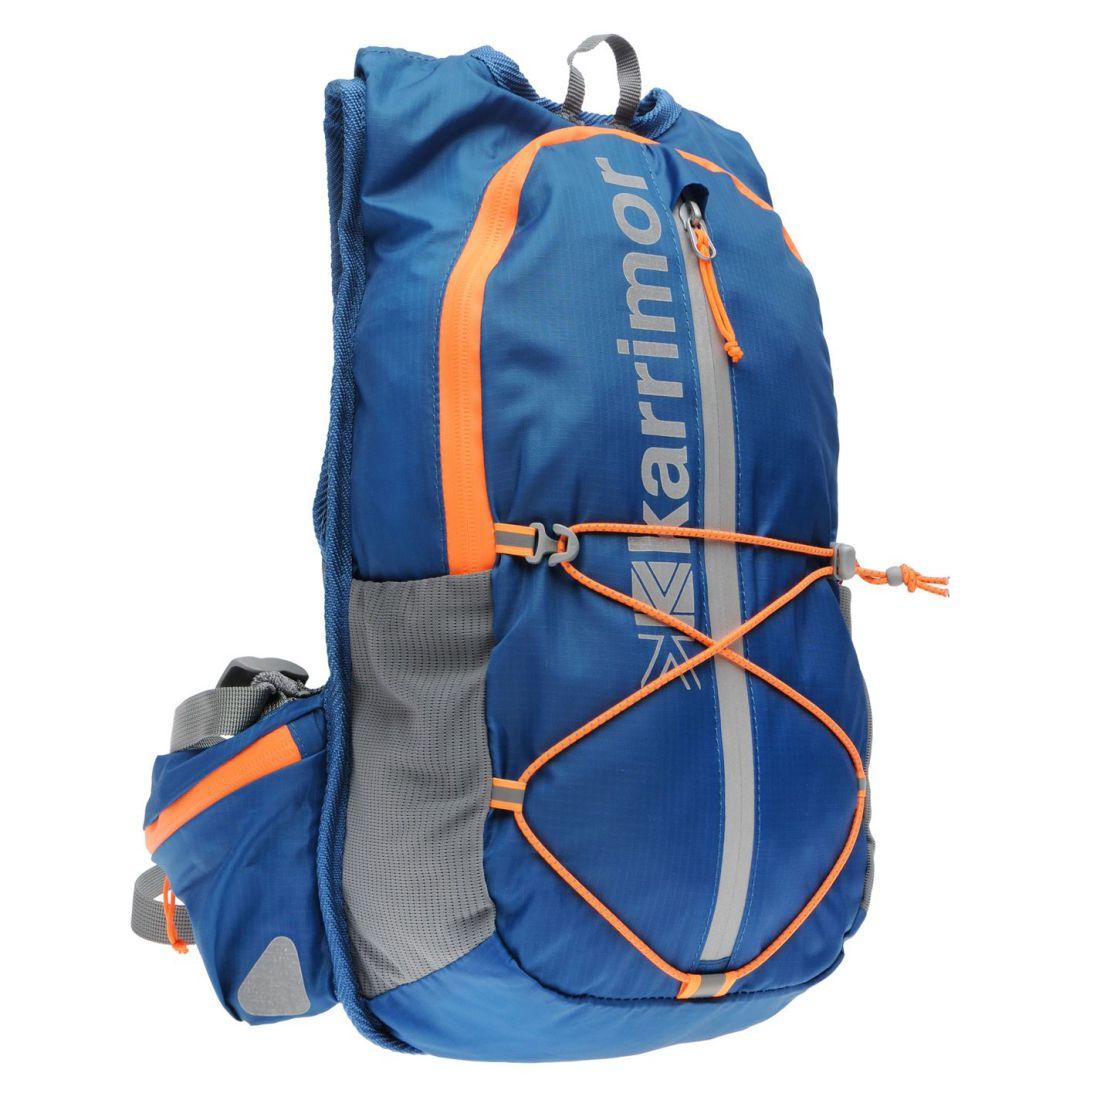 ce18c4cd91 Image is loading Karrimor-X-8L-Backpack-Back-Pack-Unisex